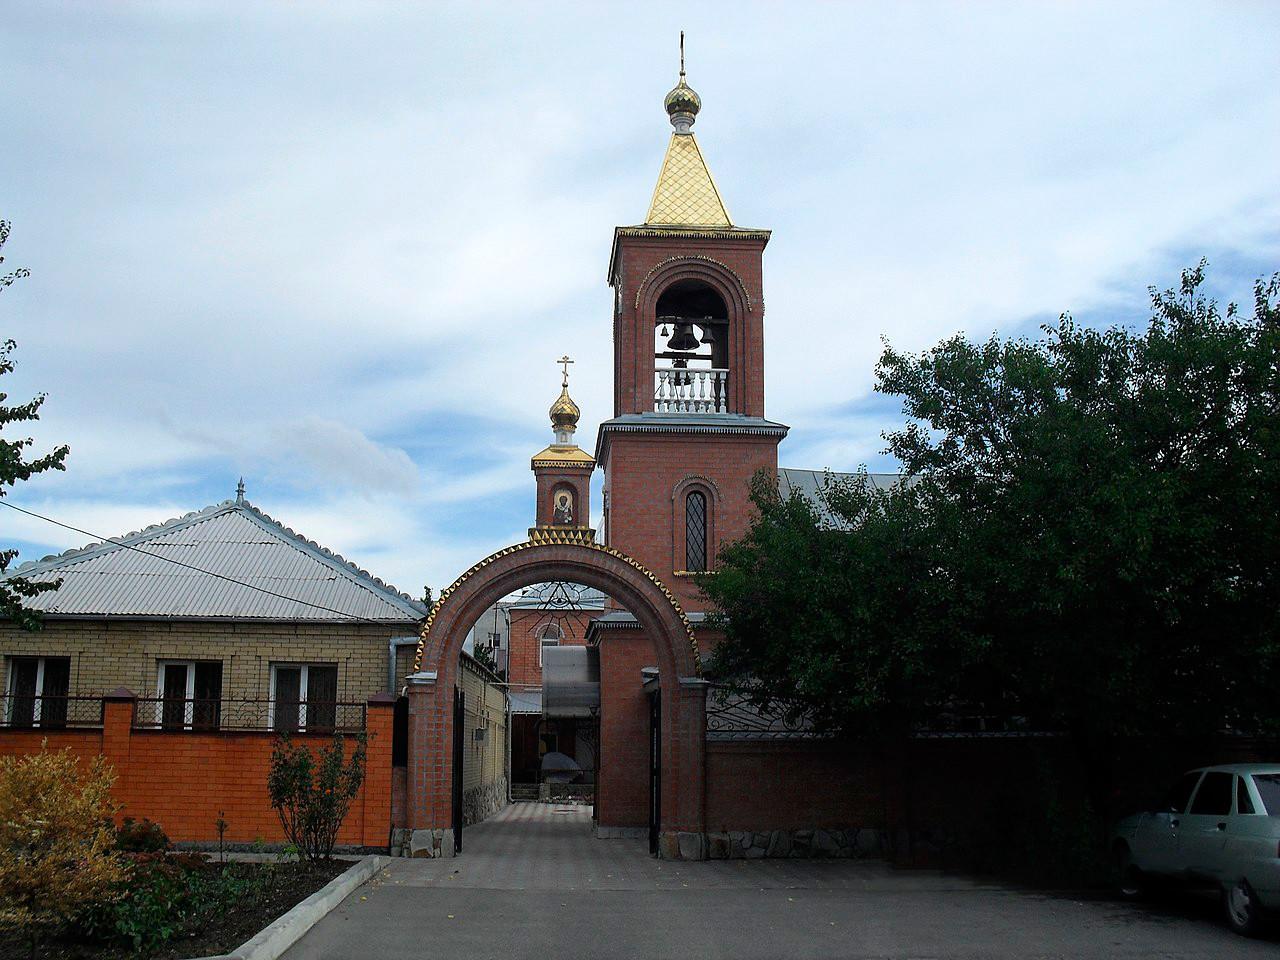 Cerkev sv. Nikolaja Čudodelnika v mestu Mineralne Vode na Kavkazu, zgrajena leta 1950